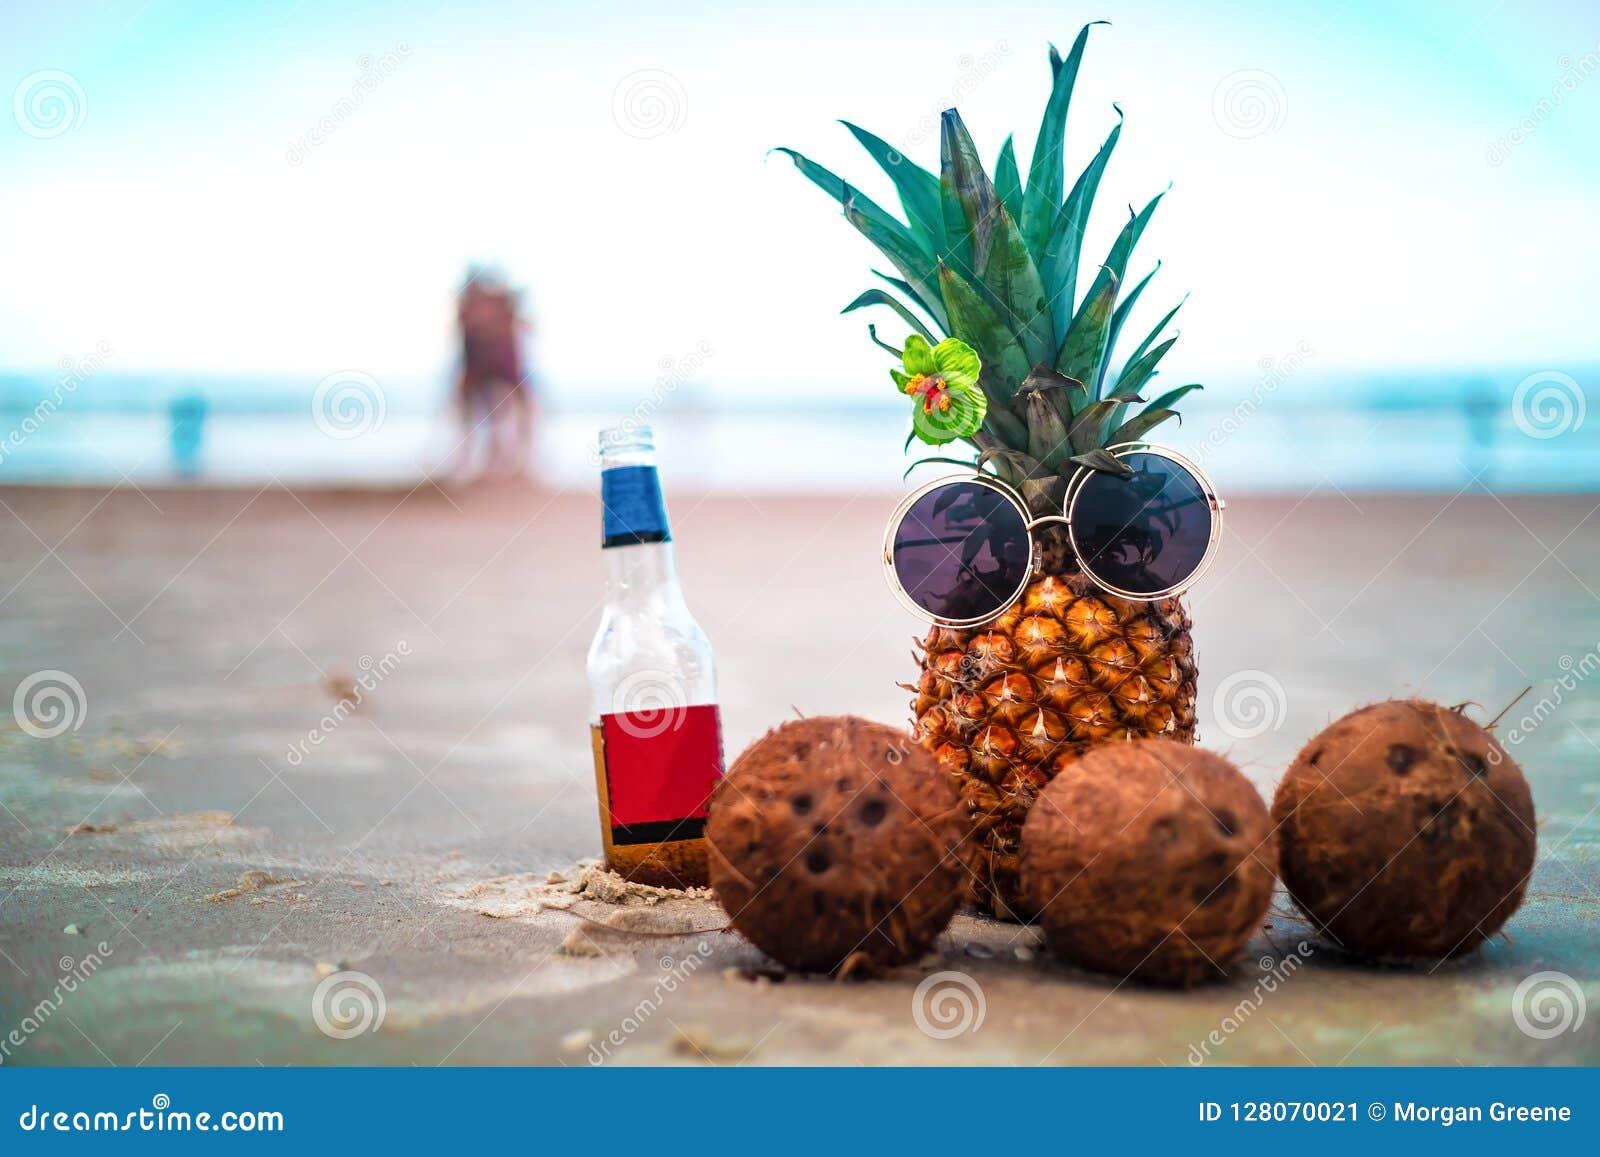 De leuke Bloem van de Ananashibiscus met Kokosnoten op Sunny Beach